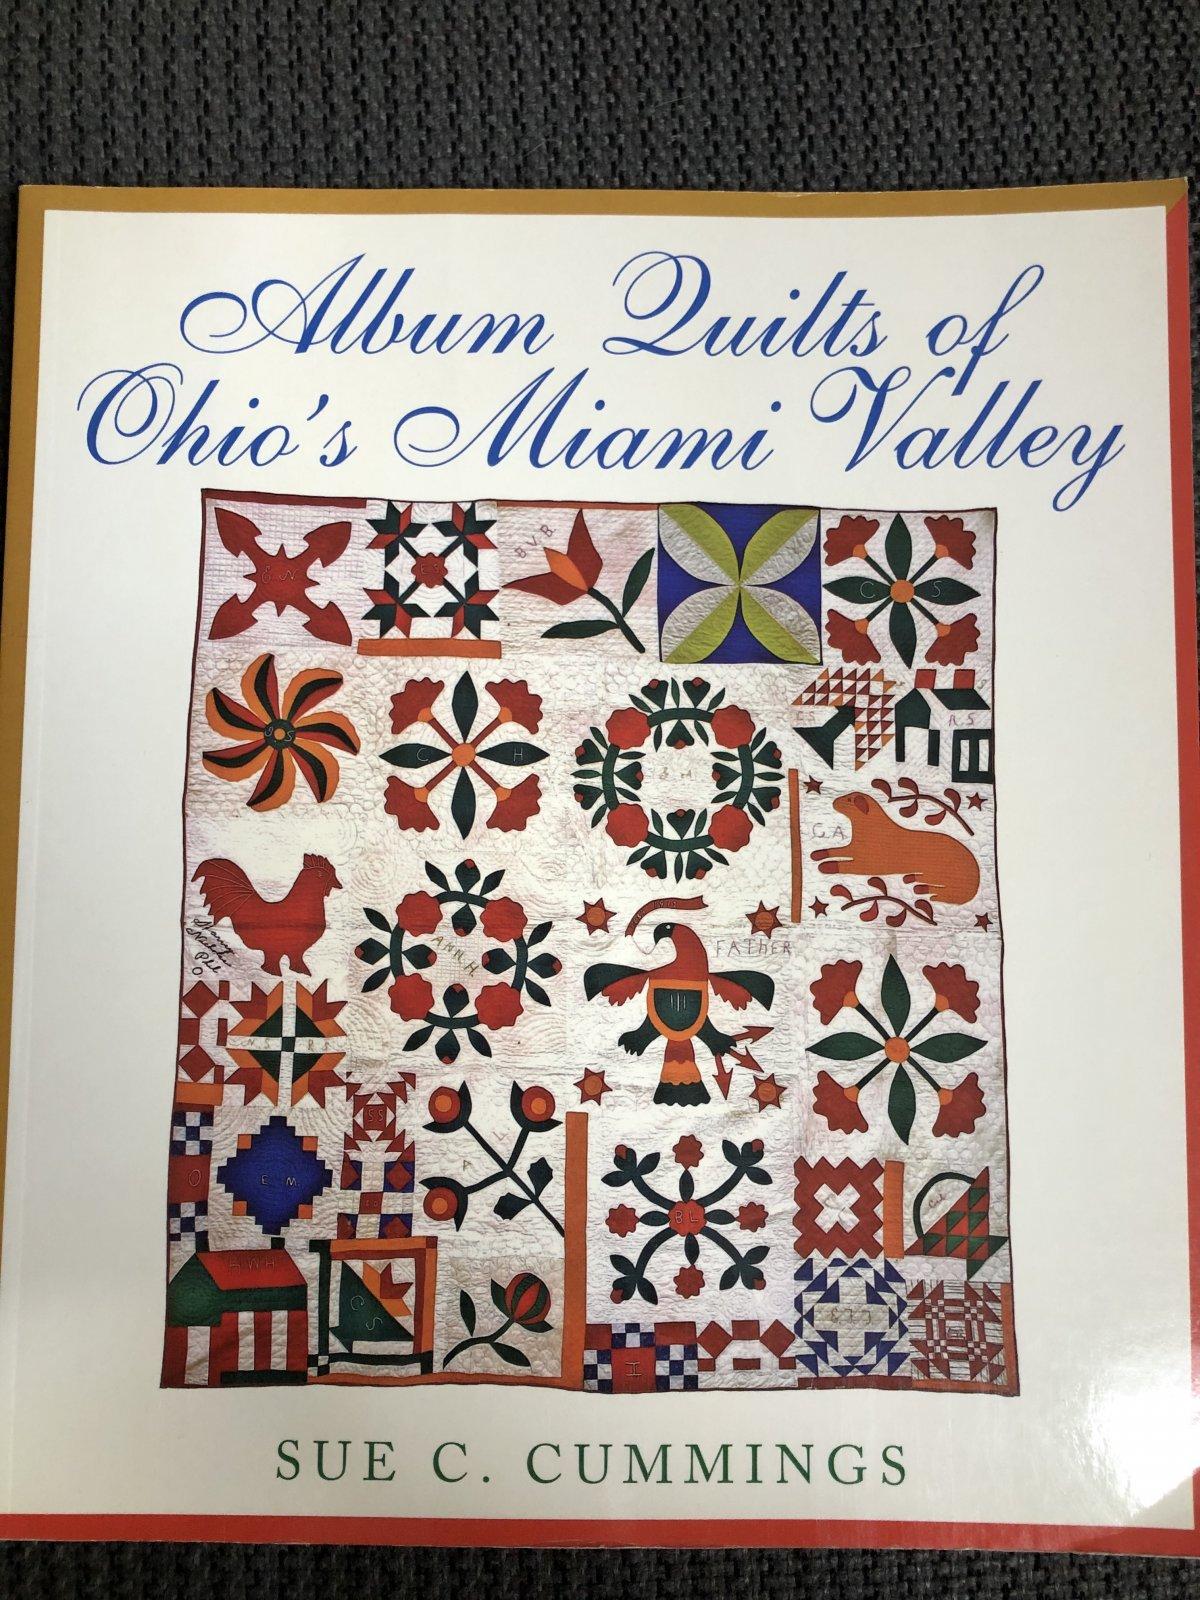 Album Quilts of Ohio's Miami Valley